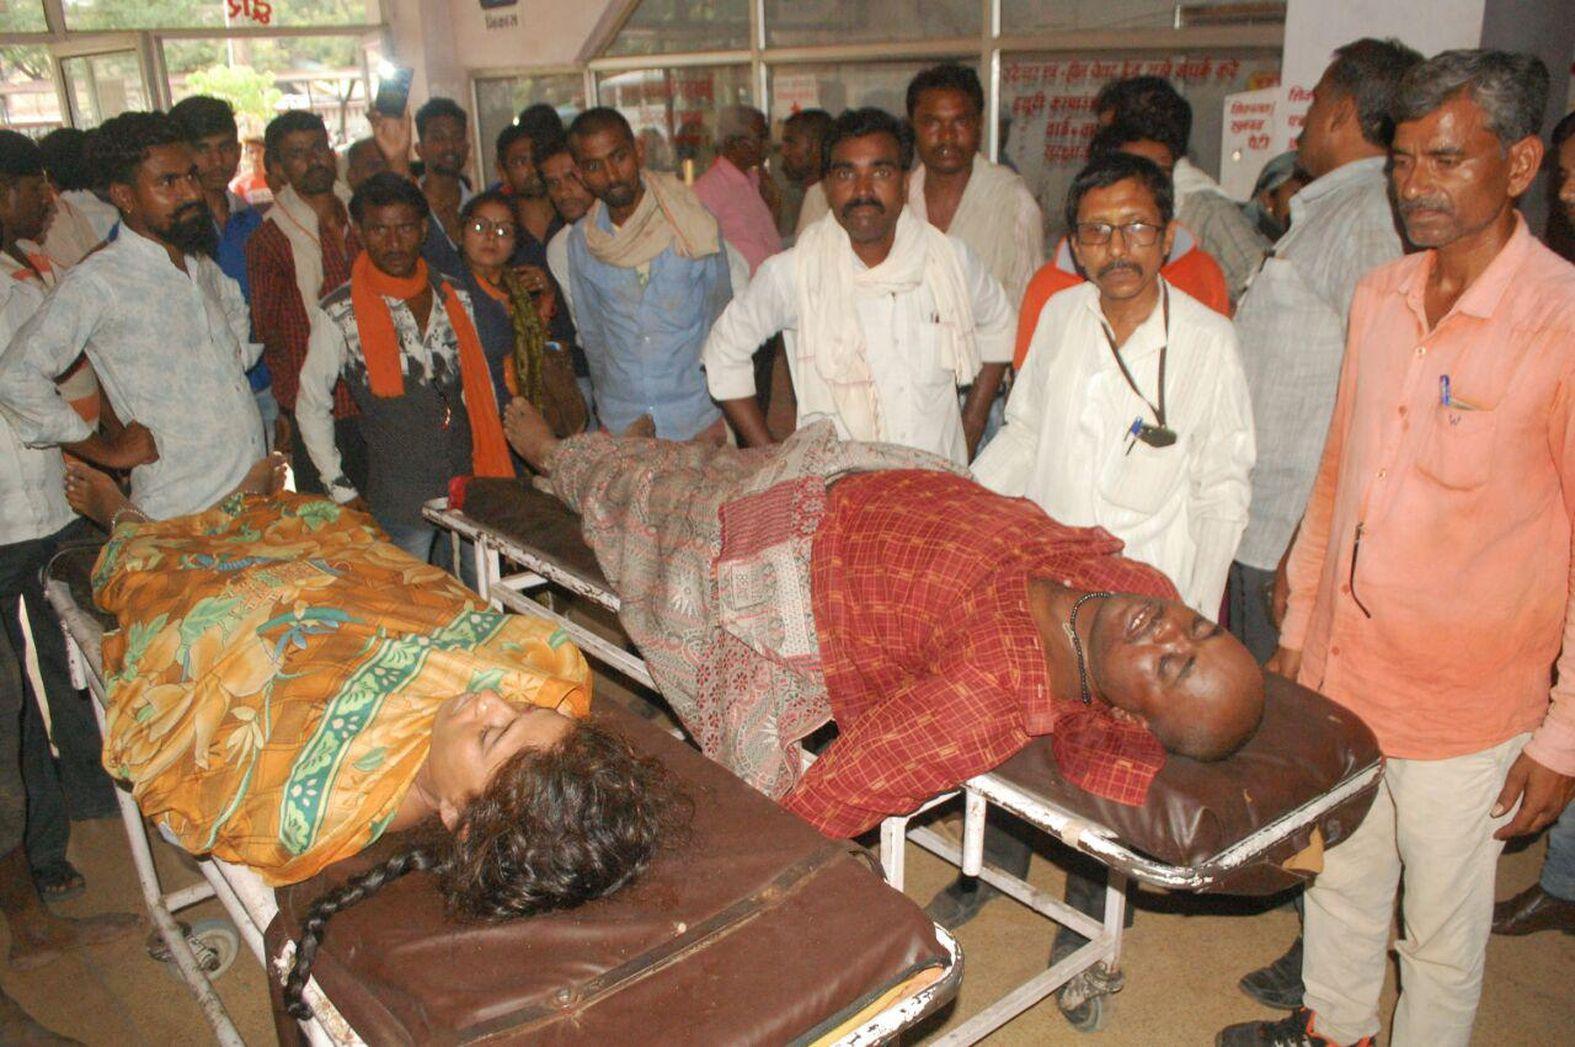 MP के इस जिले में आकाशीय बिजली बनी काल, पति-पत्नी समेत चार लोगों की मौत